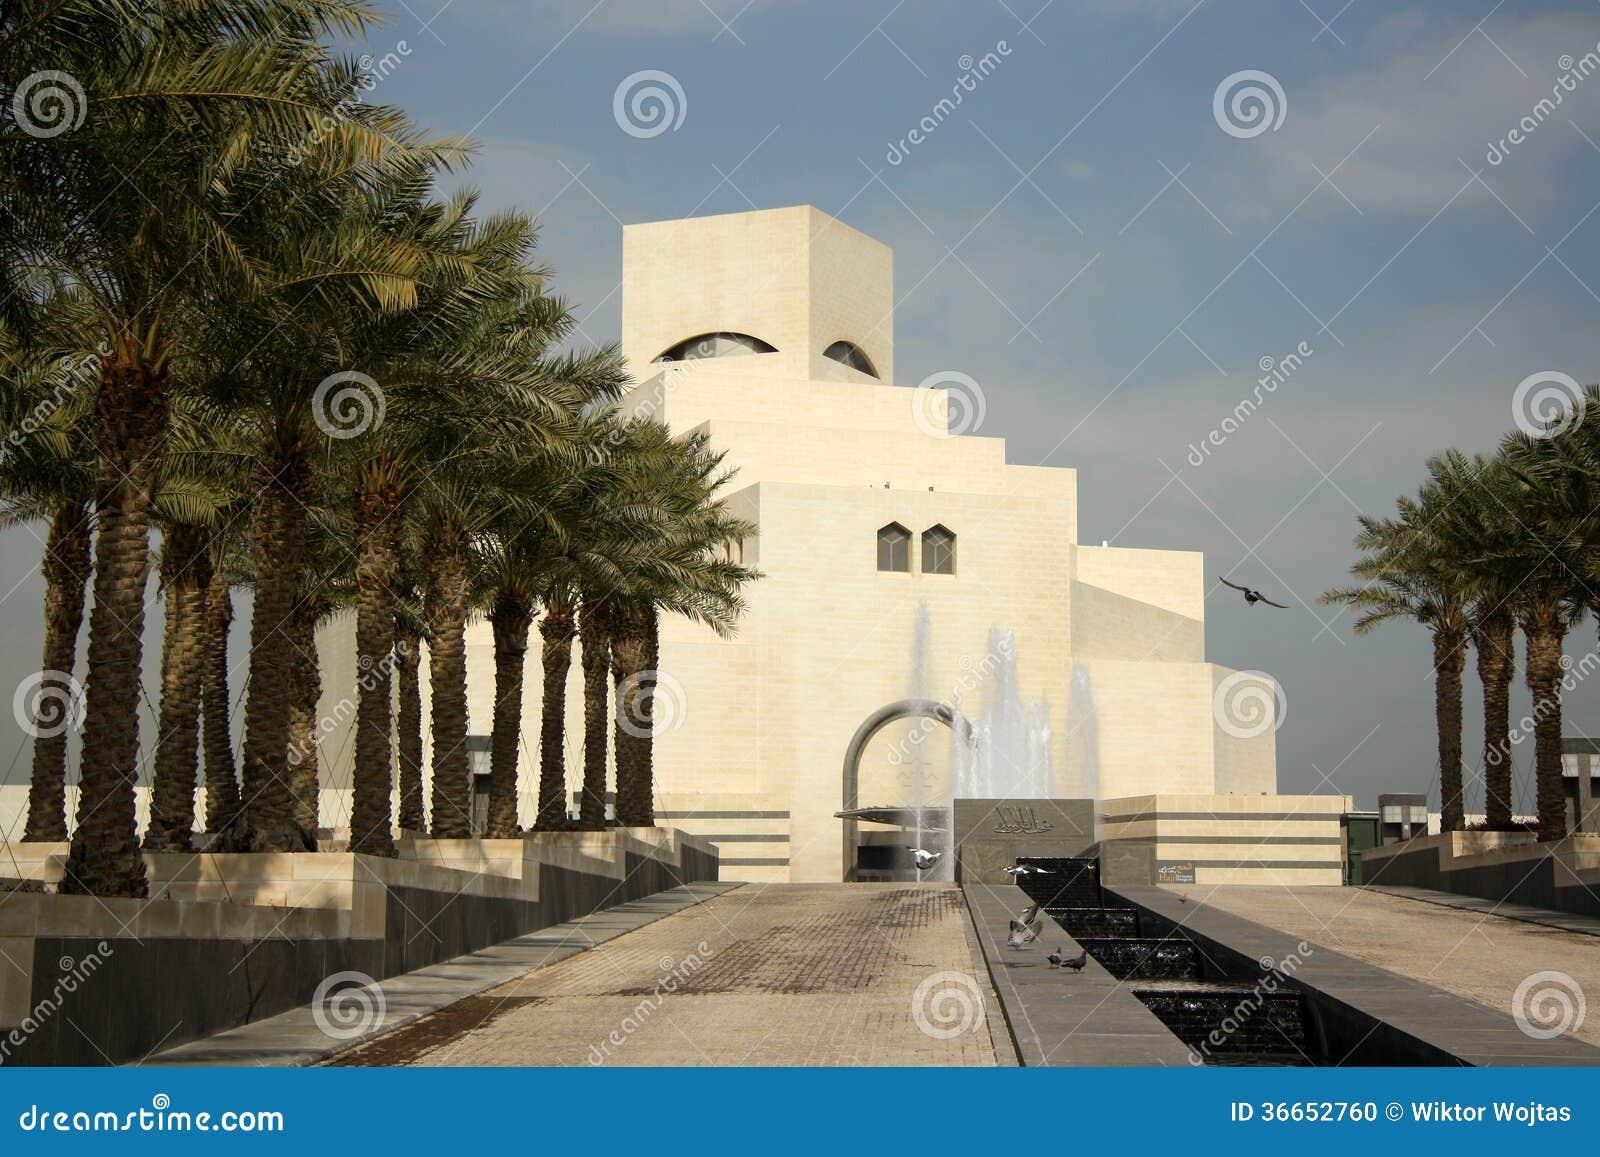 Citaten Kunst Qatar : Museum van islamitische kunst in doha qatar stock foto